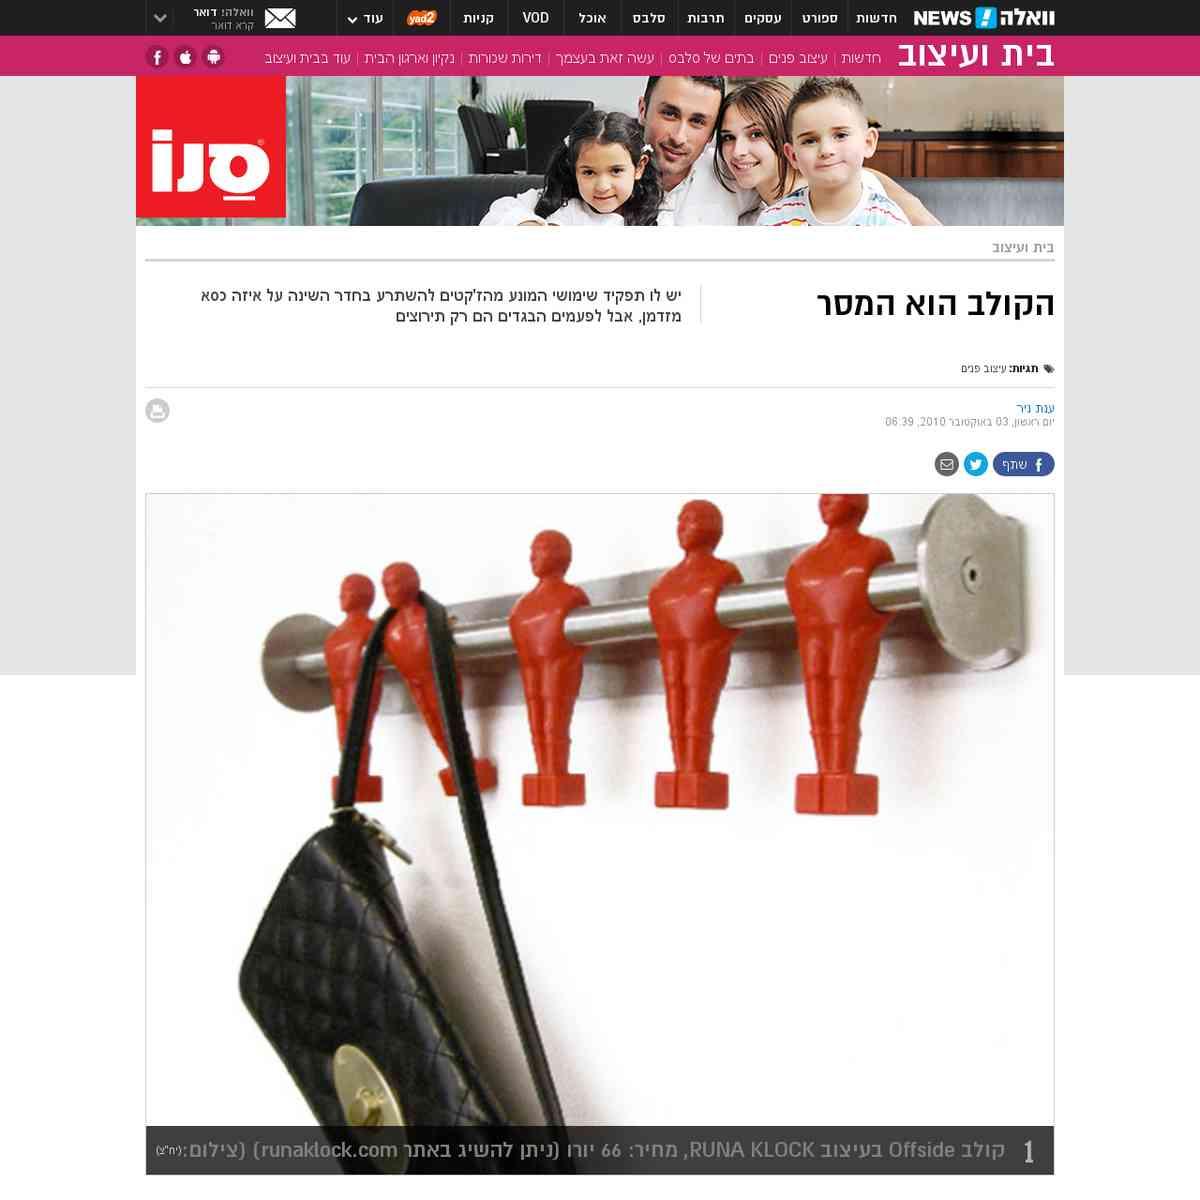 news.walla.co.il/?w=/4422/1738748/2,1